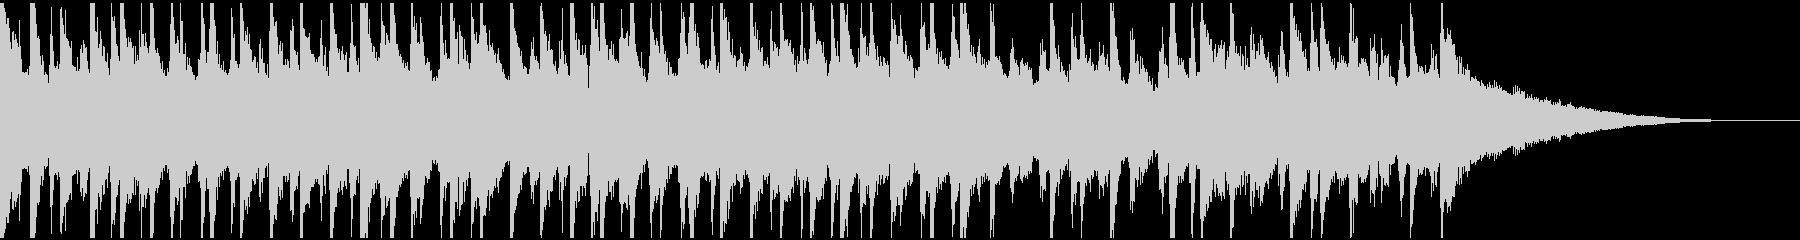 30秒ウクレレ、トイピアノの楽しい楽曲の未再生の波形